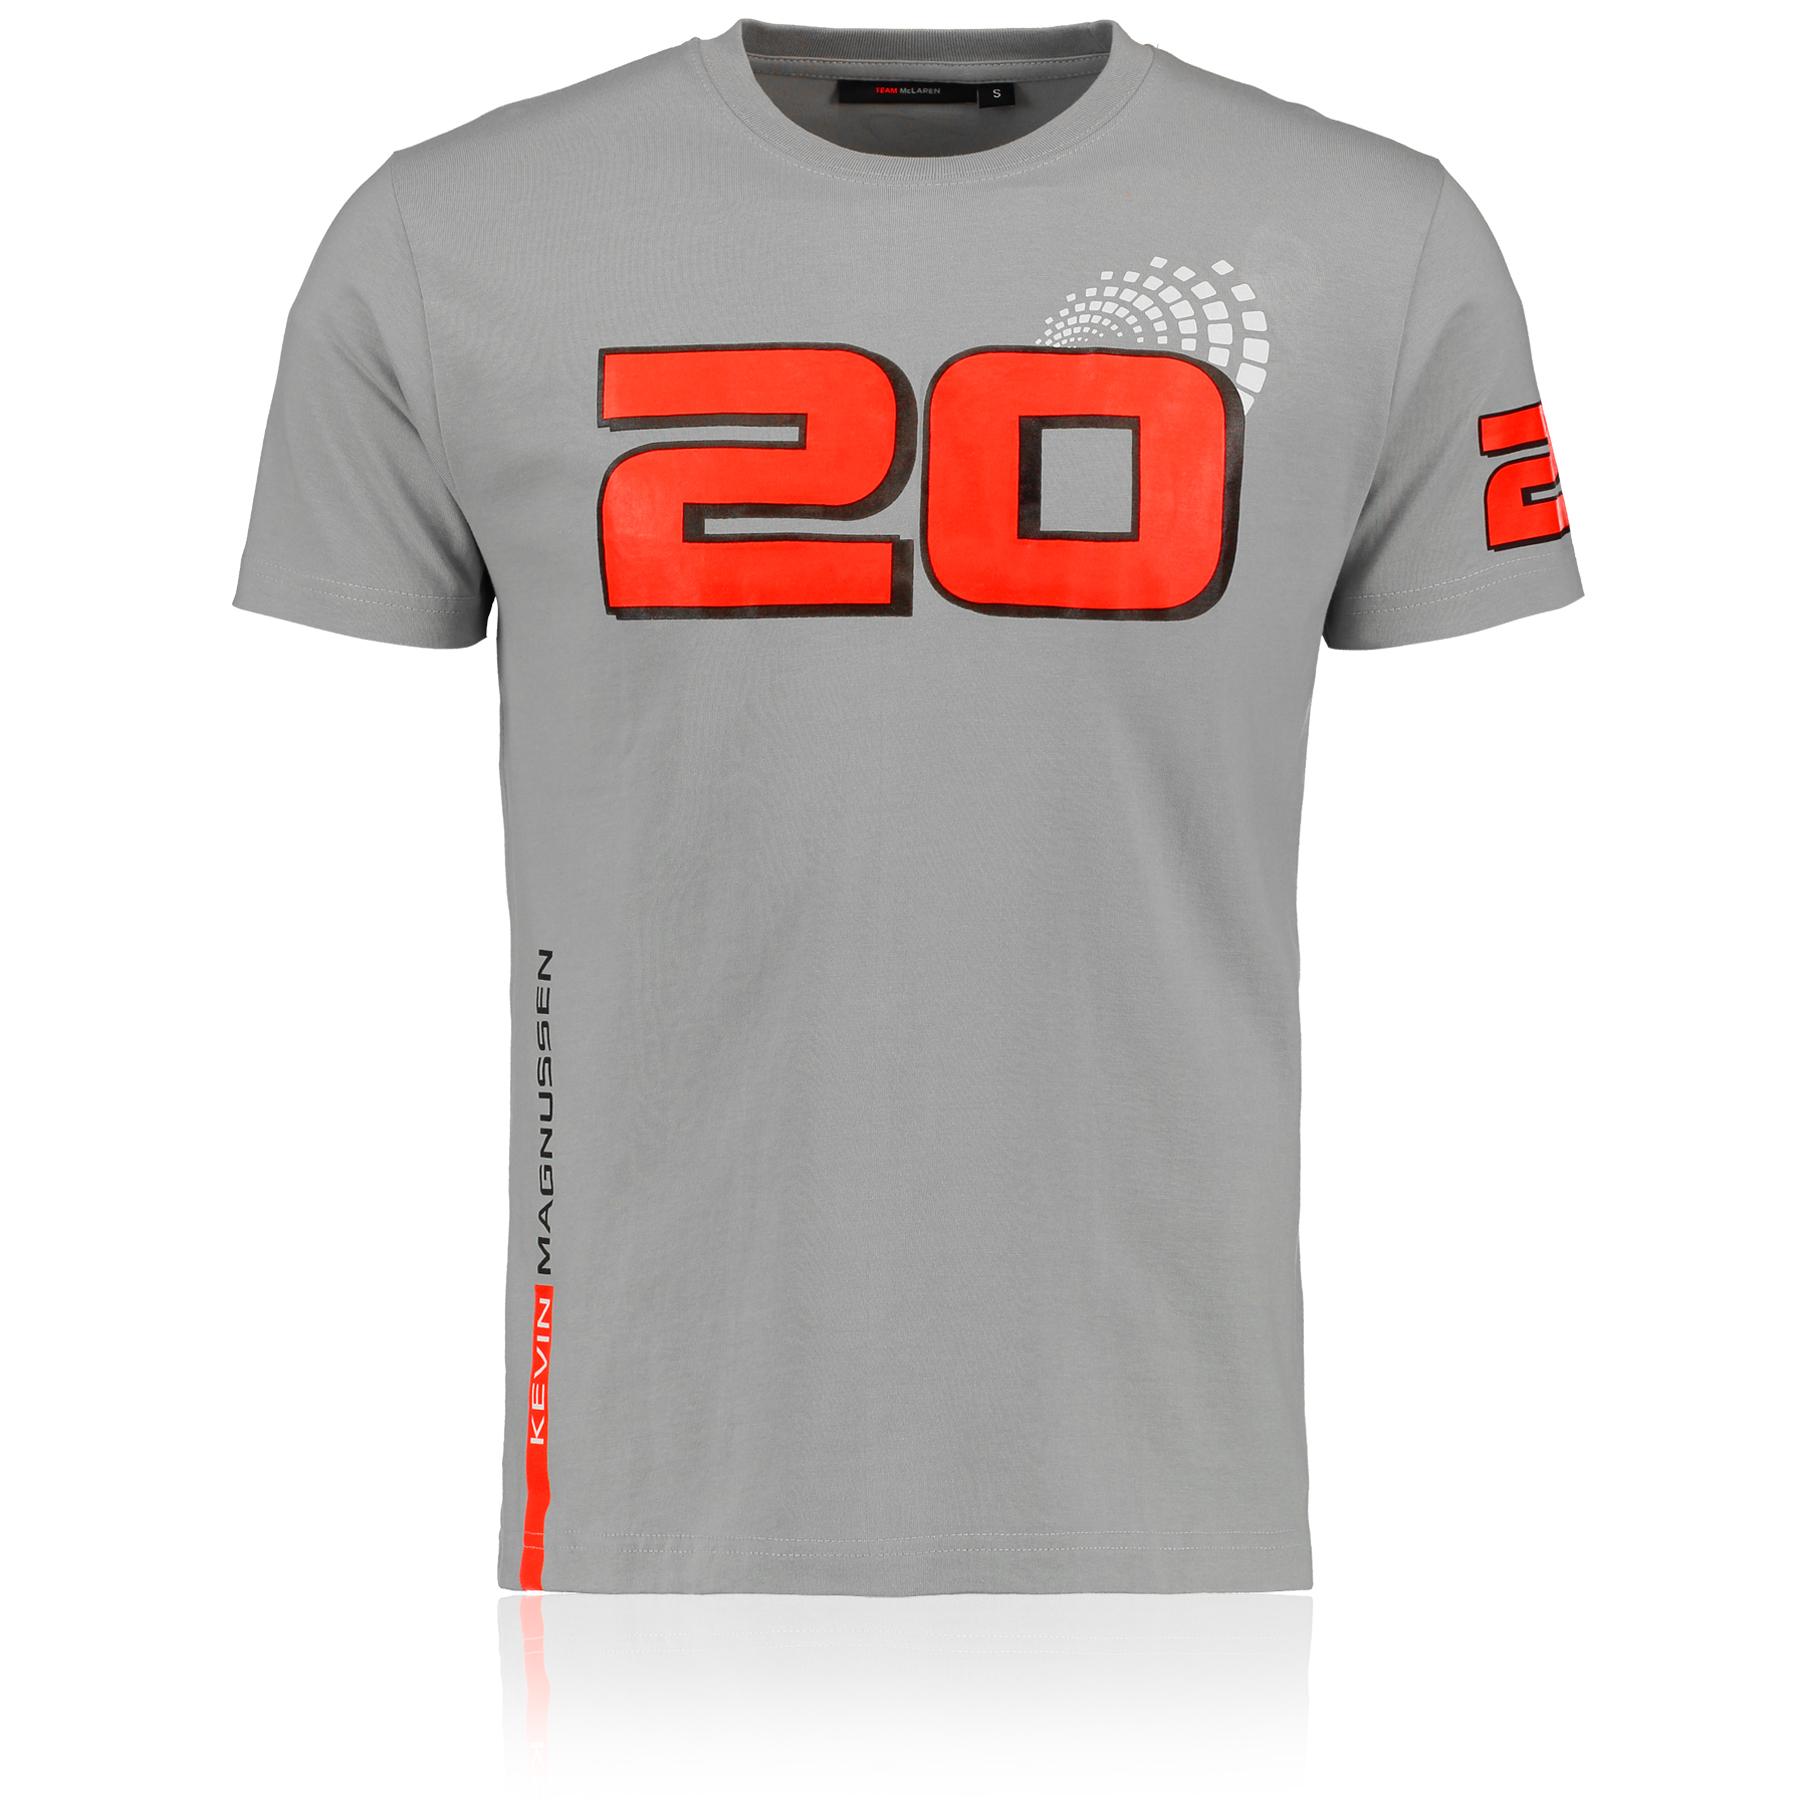 Motor sports|Gifts for Men|Formula 1 McLaren Mercedes Kevin Magnussen 20 T-Shirt